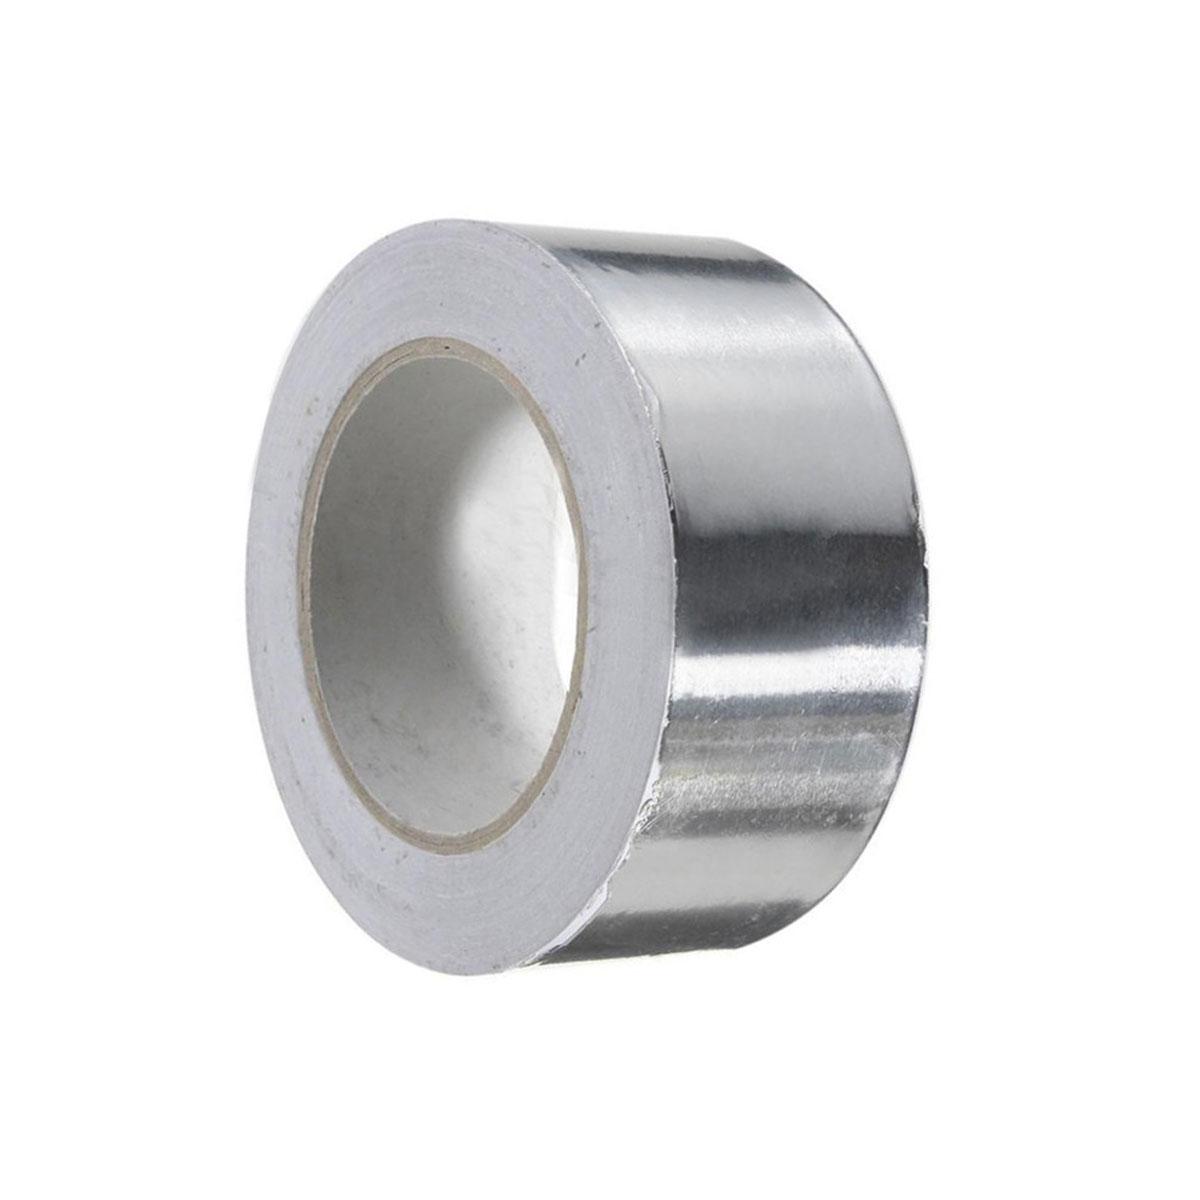 Băng Dính Bạc Chịu Nhiệt Độ Cao Siêu Bền Từ 20-120 Độ C Độ dày 0.07 x 50 mm